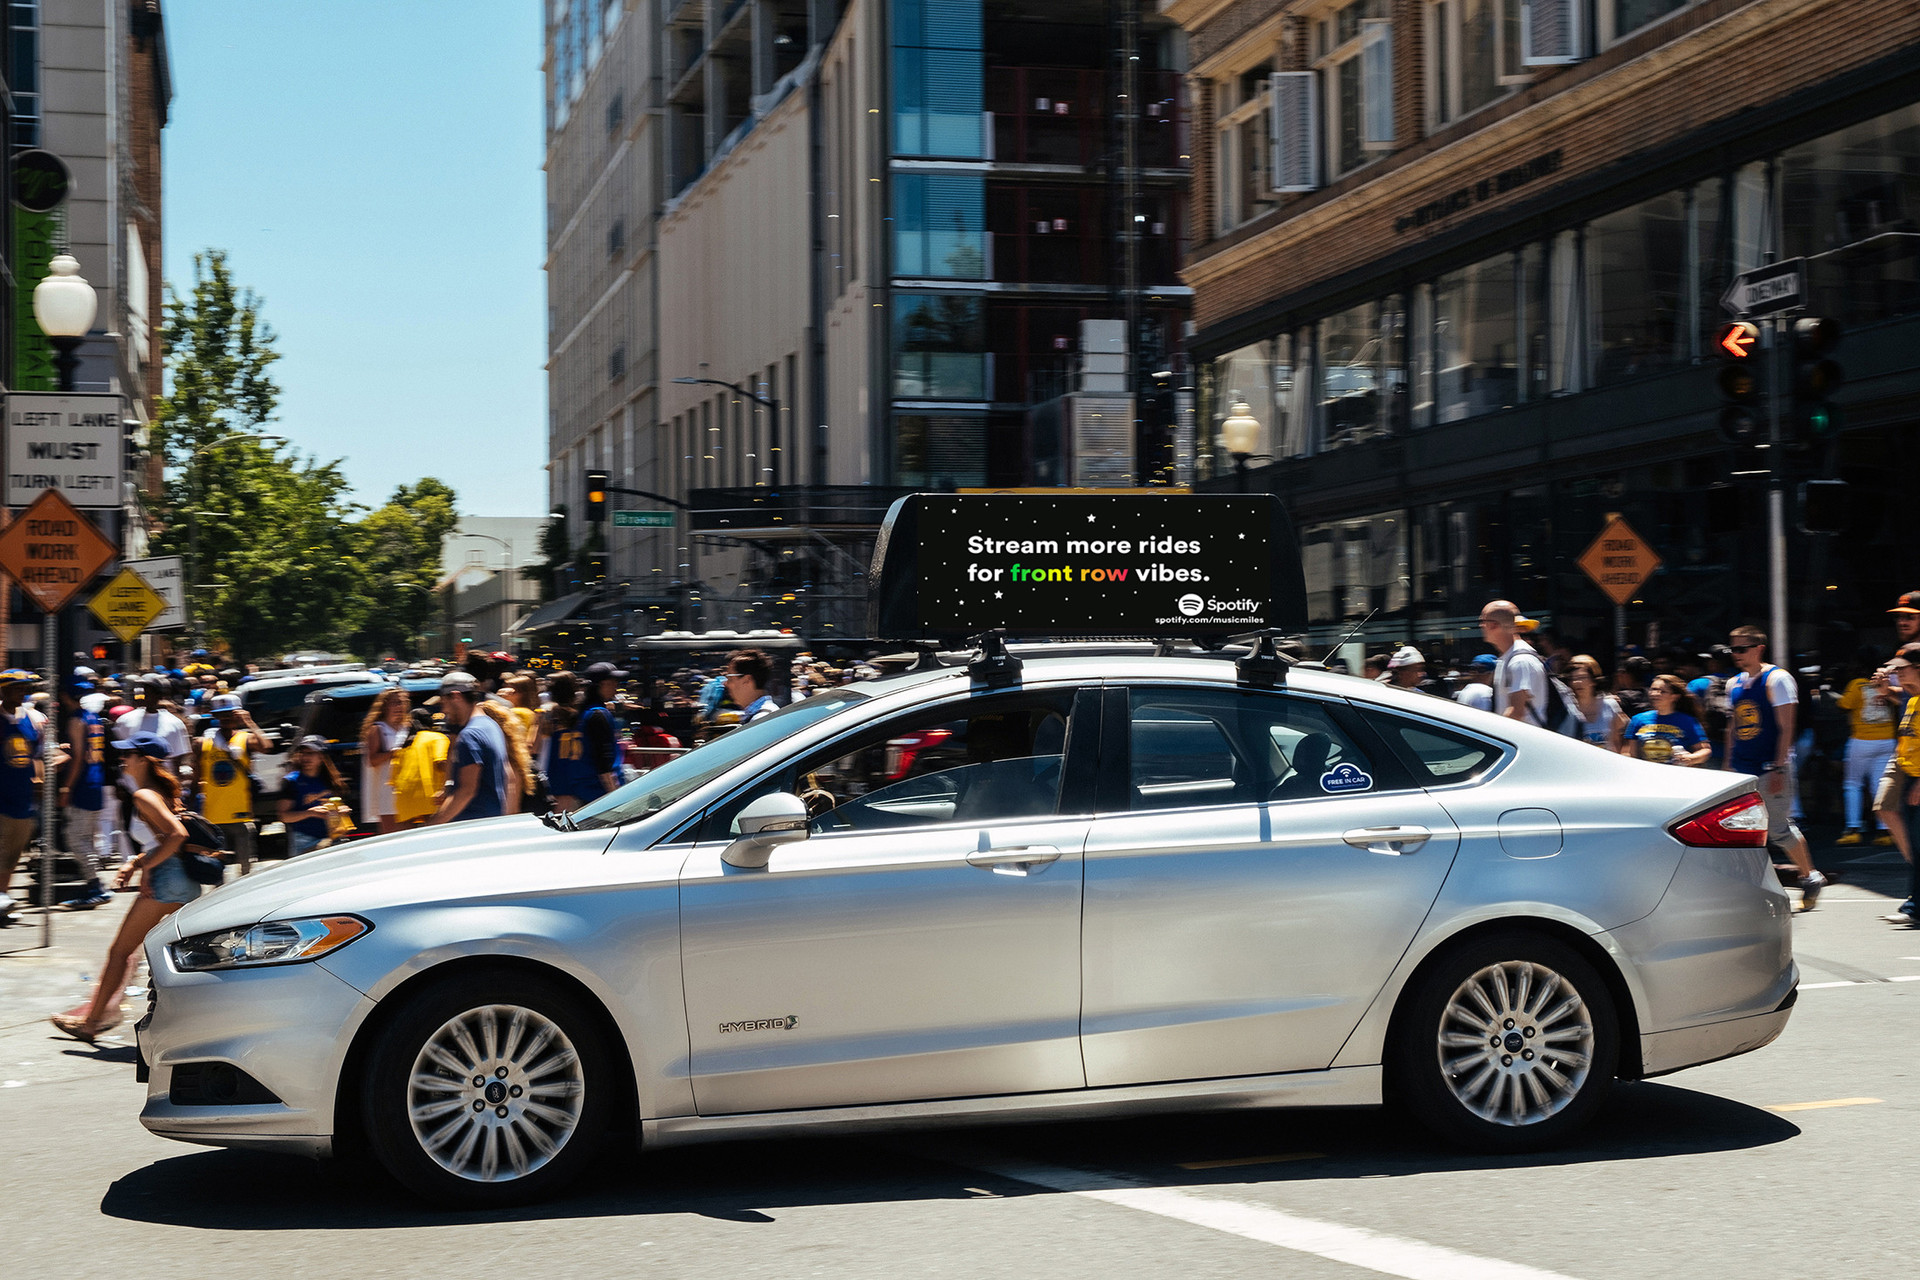 spot_ridesharecar.jpg